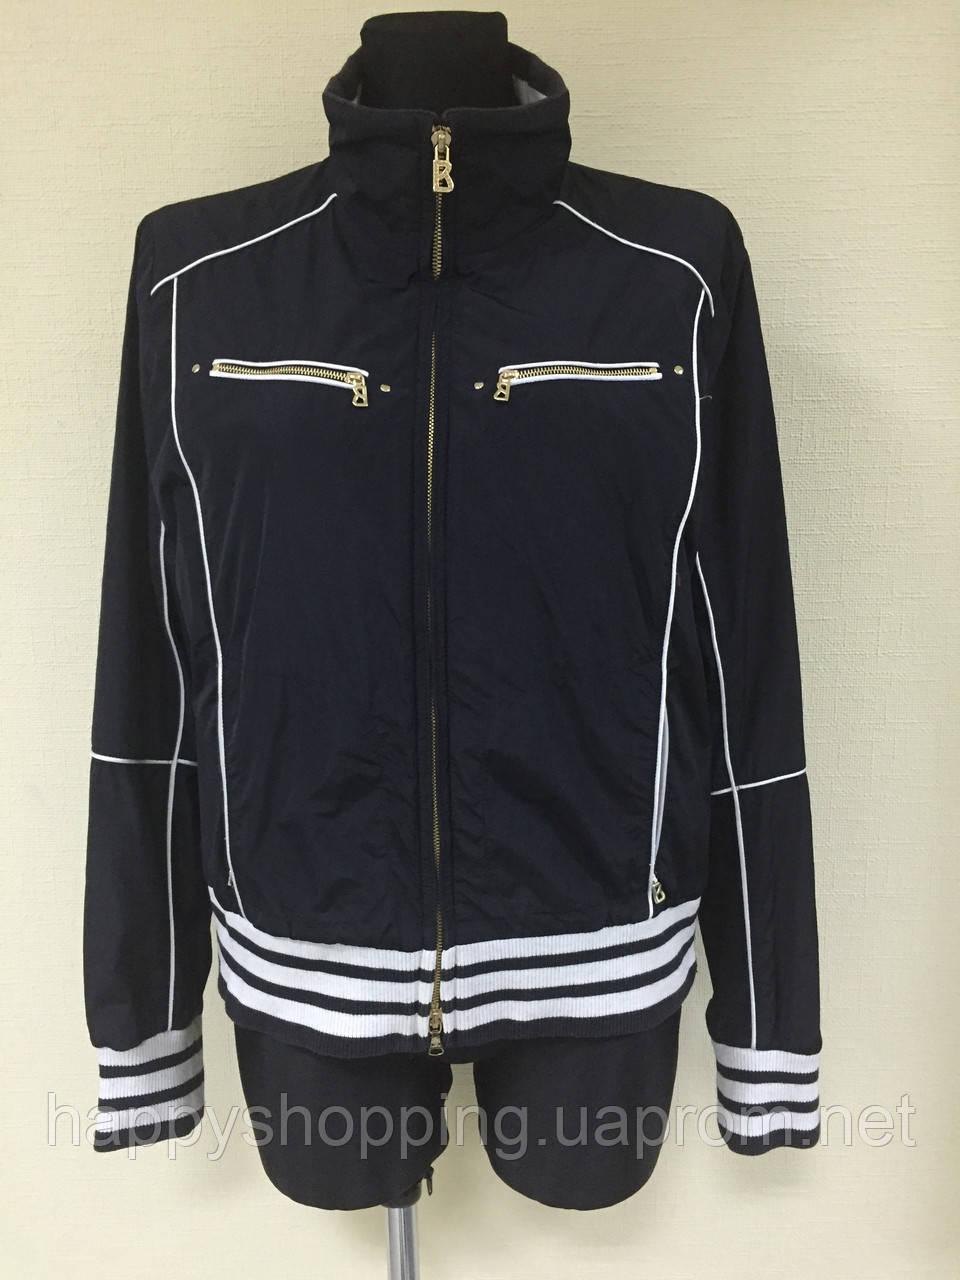 Женская спортивная куртка Bogner, фото 1